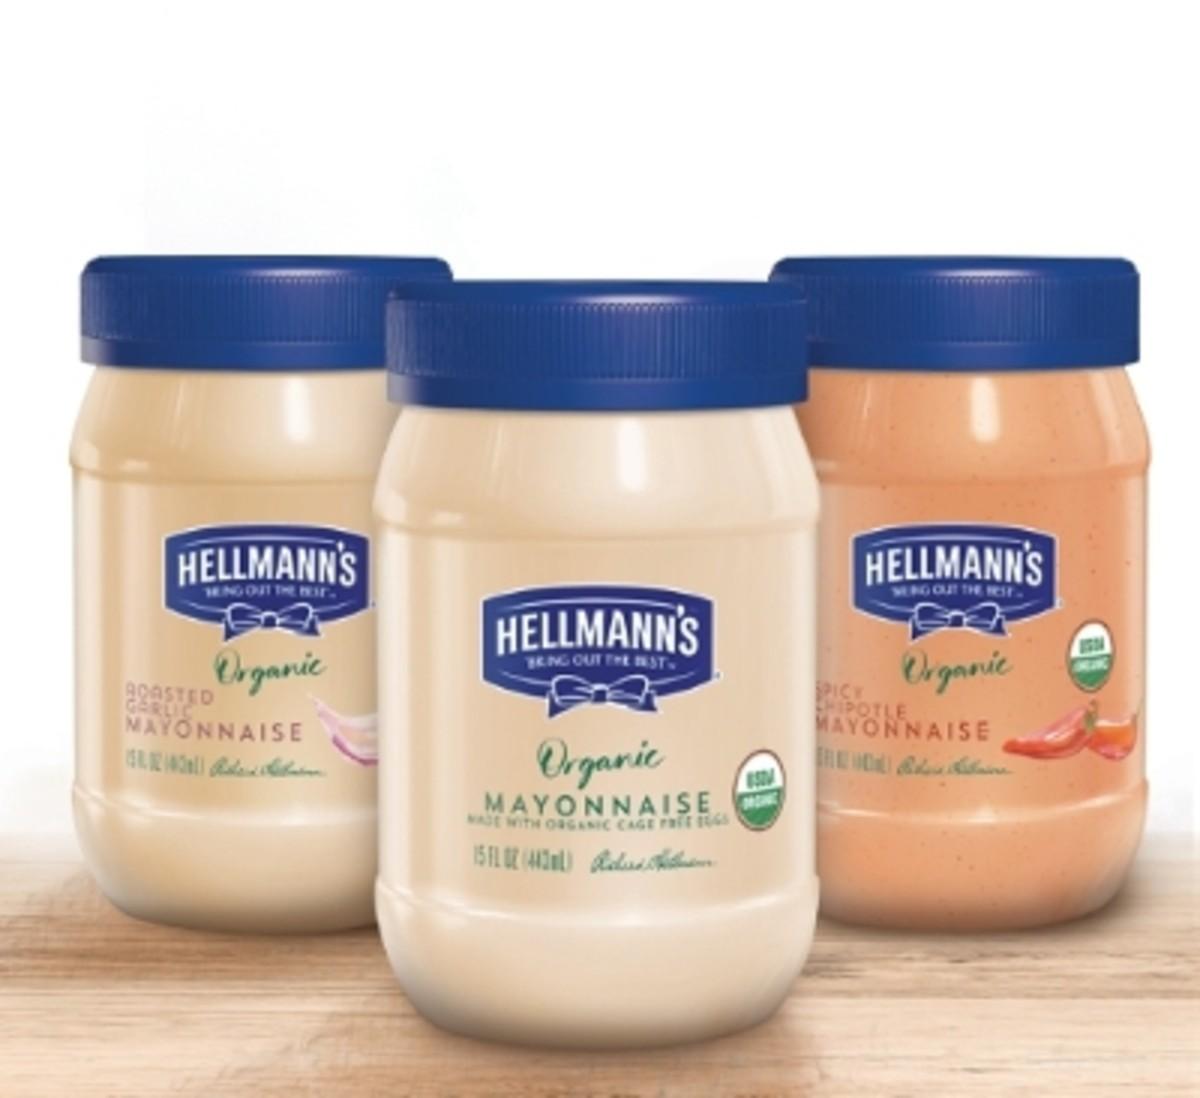 Hellmann's eggless mayonnaise